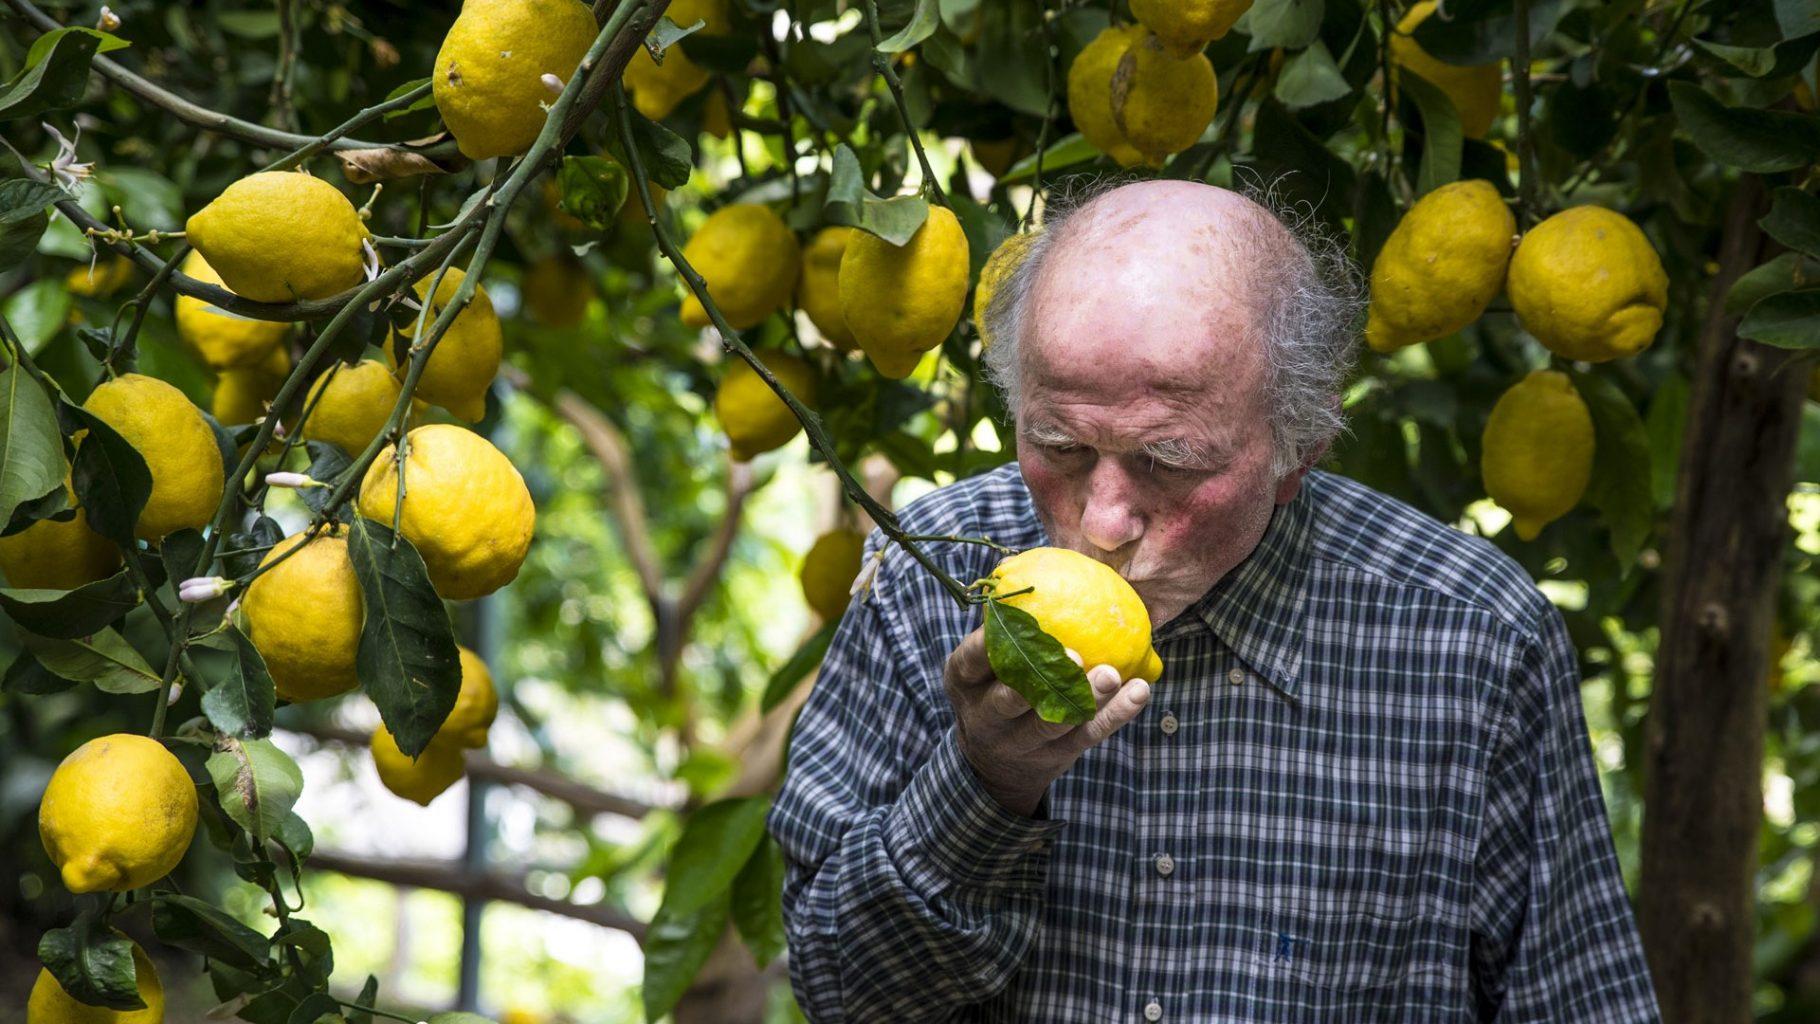 Image: Aceto kissing a lemon!